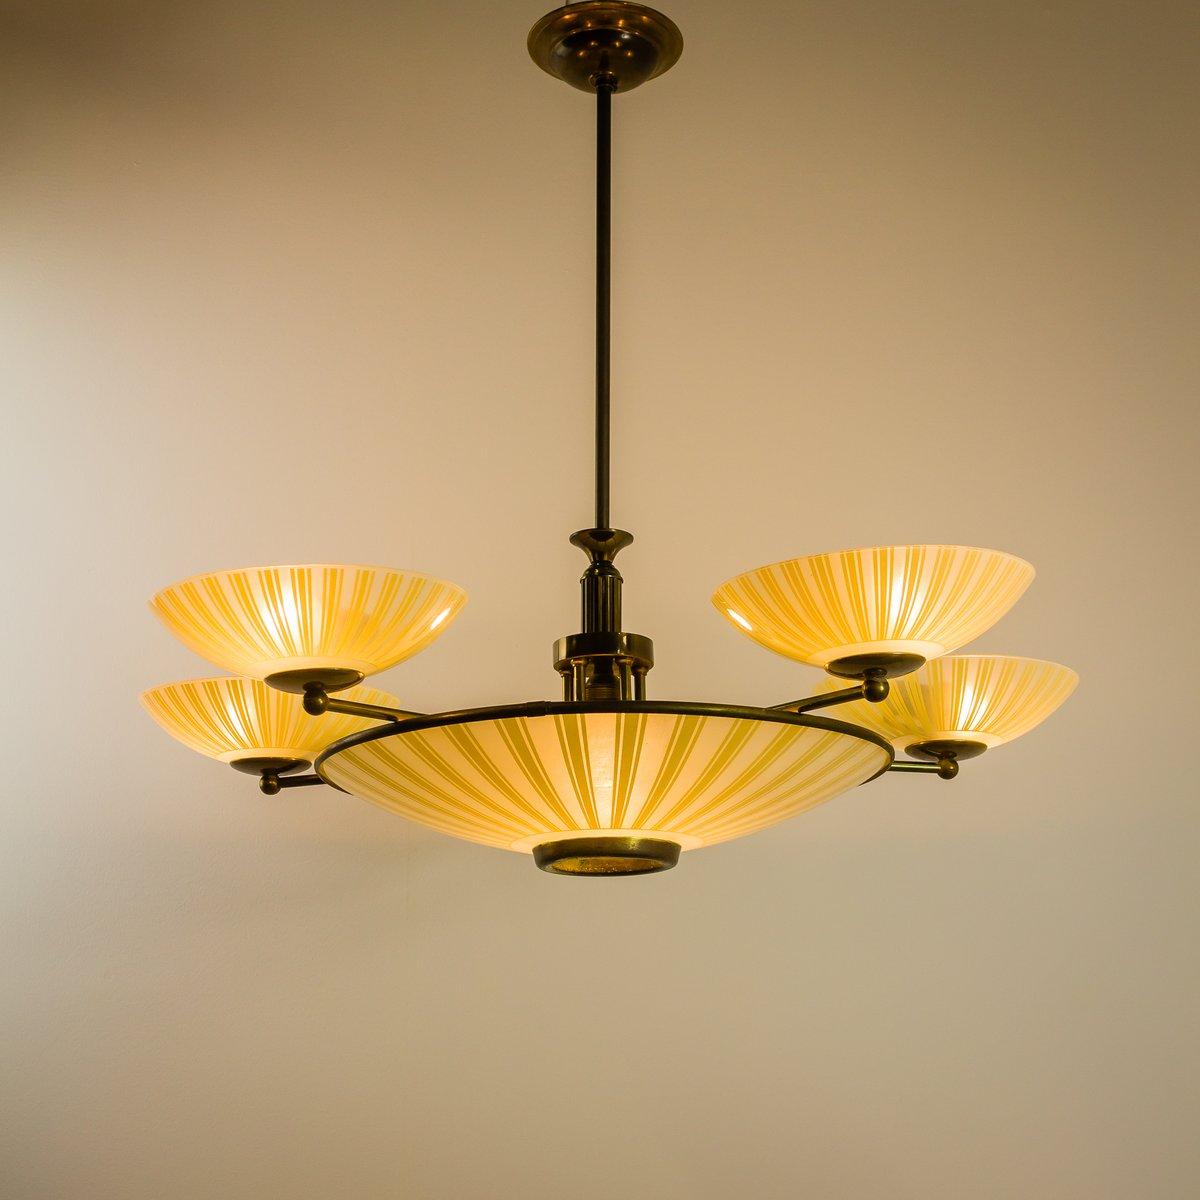 lampe d 39 entr e art d co en cuivre et verre en vente sur pamono. Black Bedroom Furniture Sets. Home Design Ideas